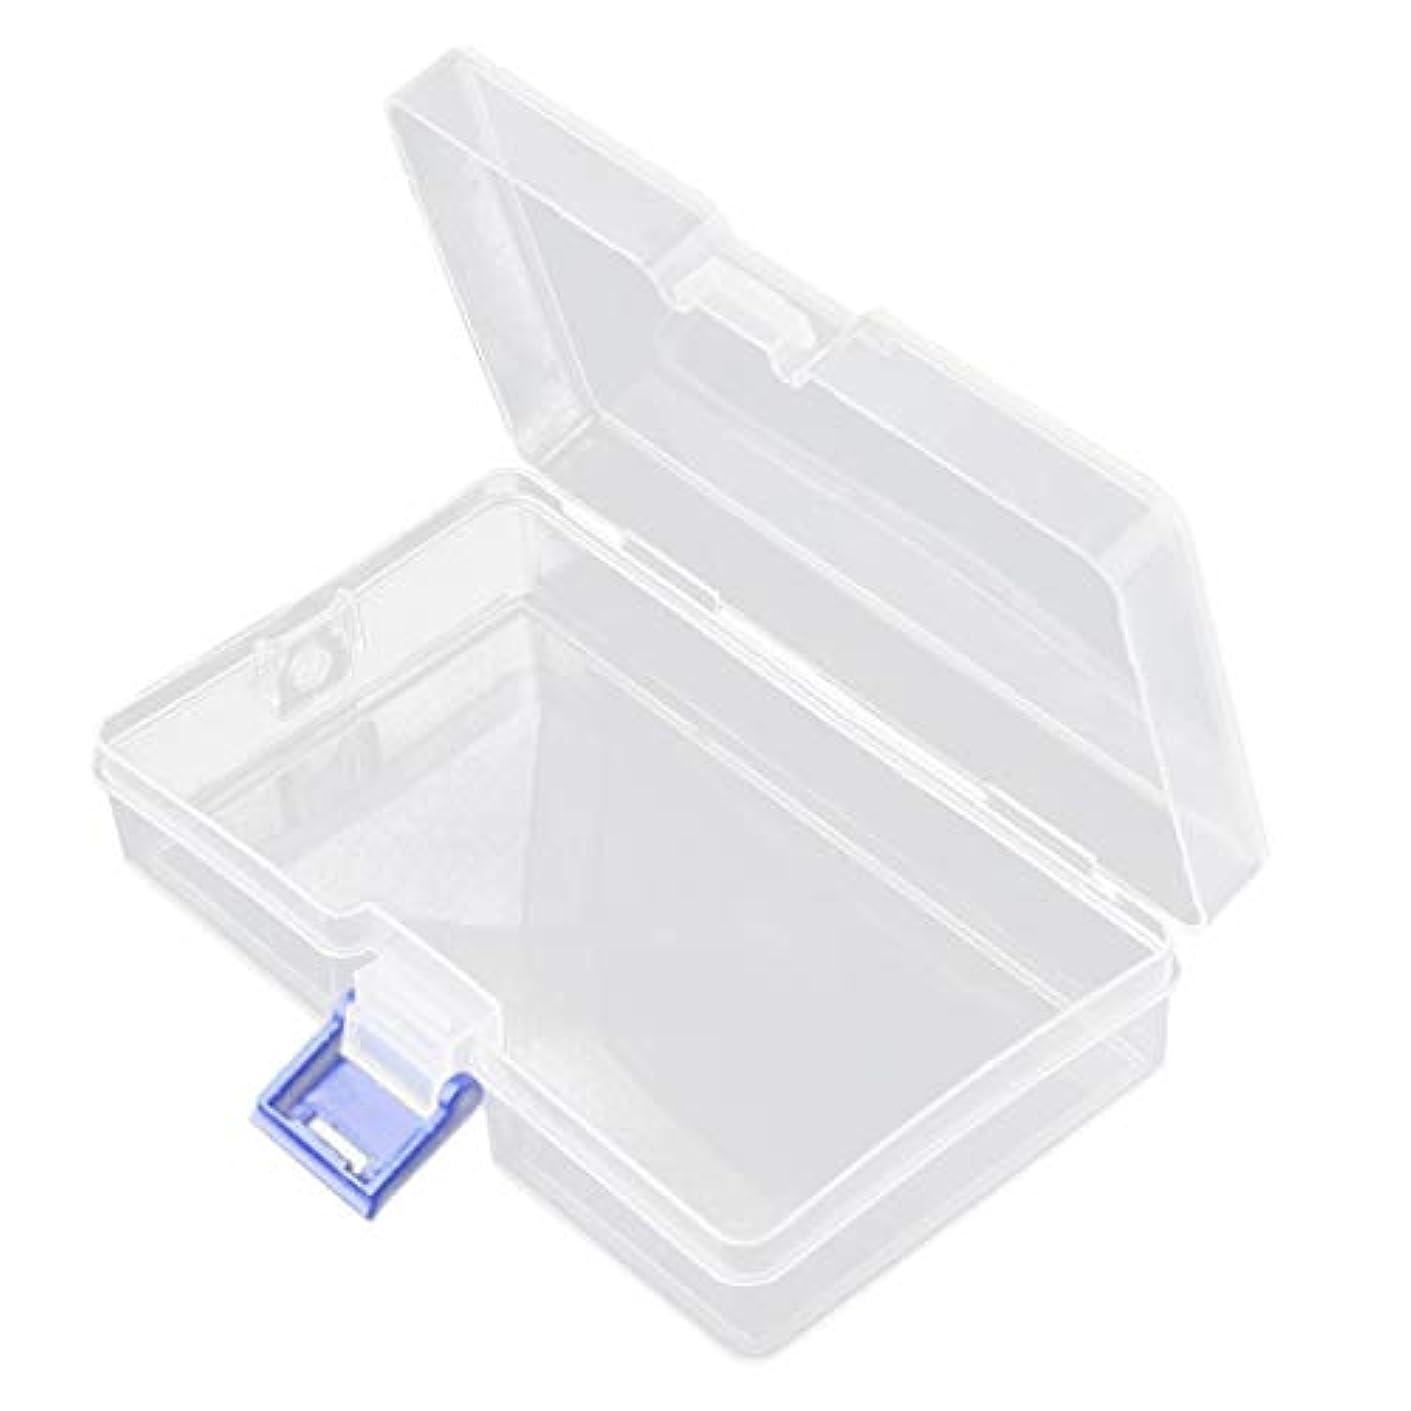 CUTICATE ネイルアート用品収納 ボックス アクセサリー収納 パーツケース ジュエリー 小物整理 ふた付